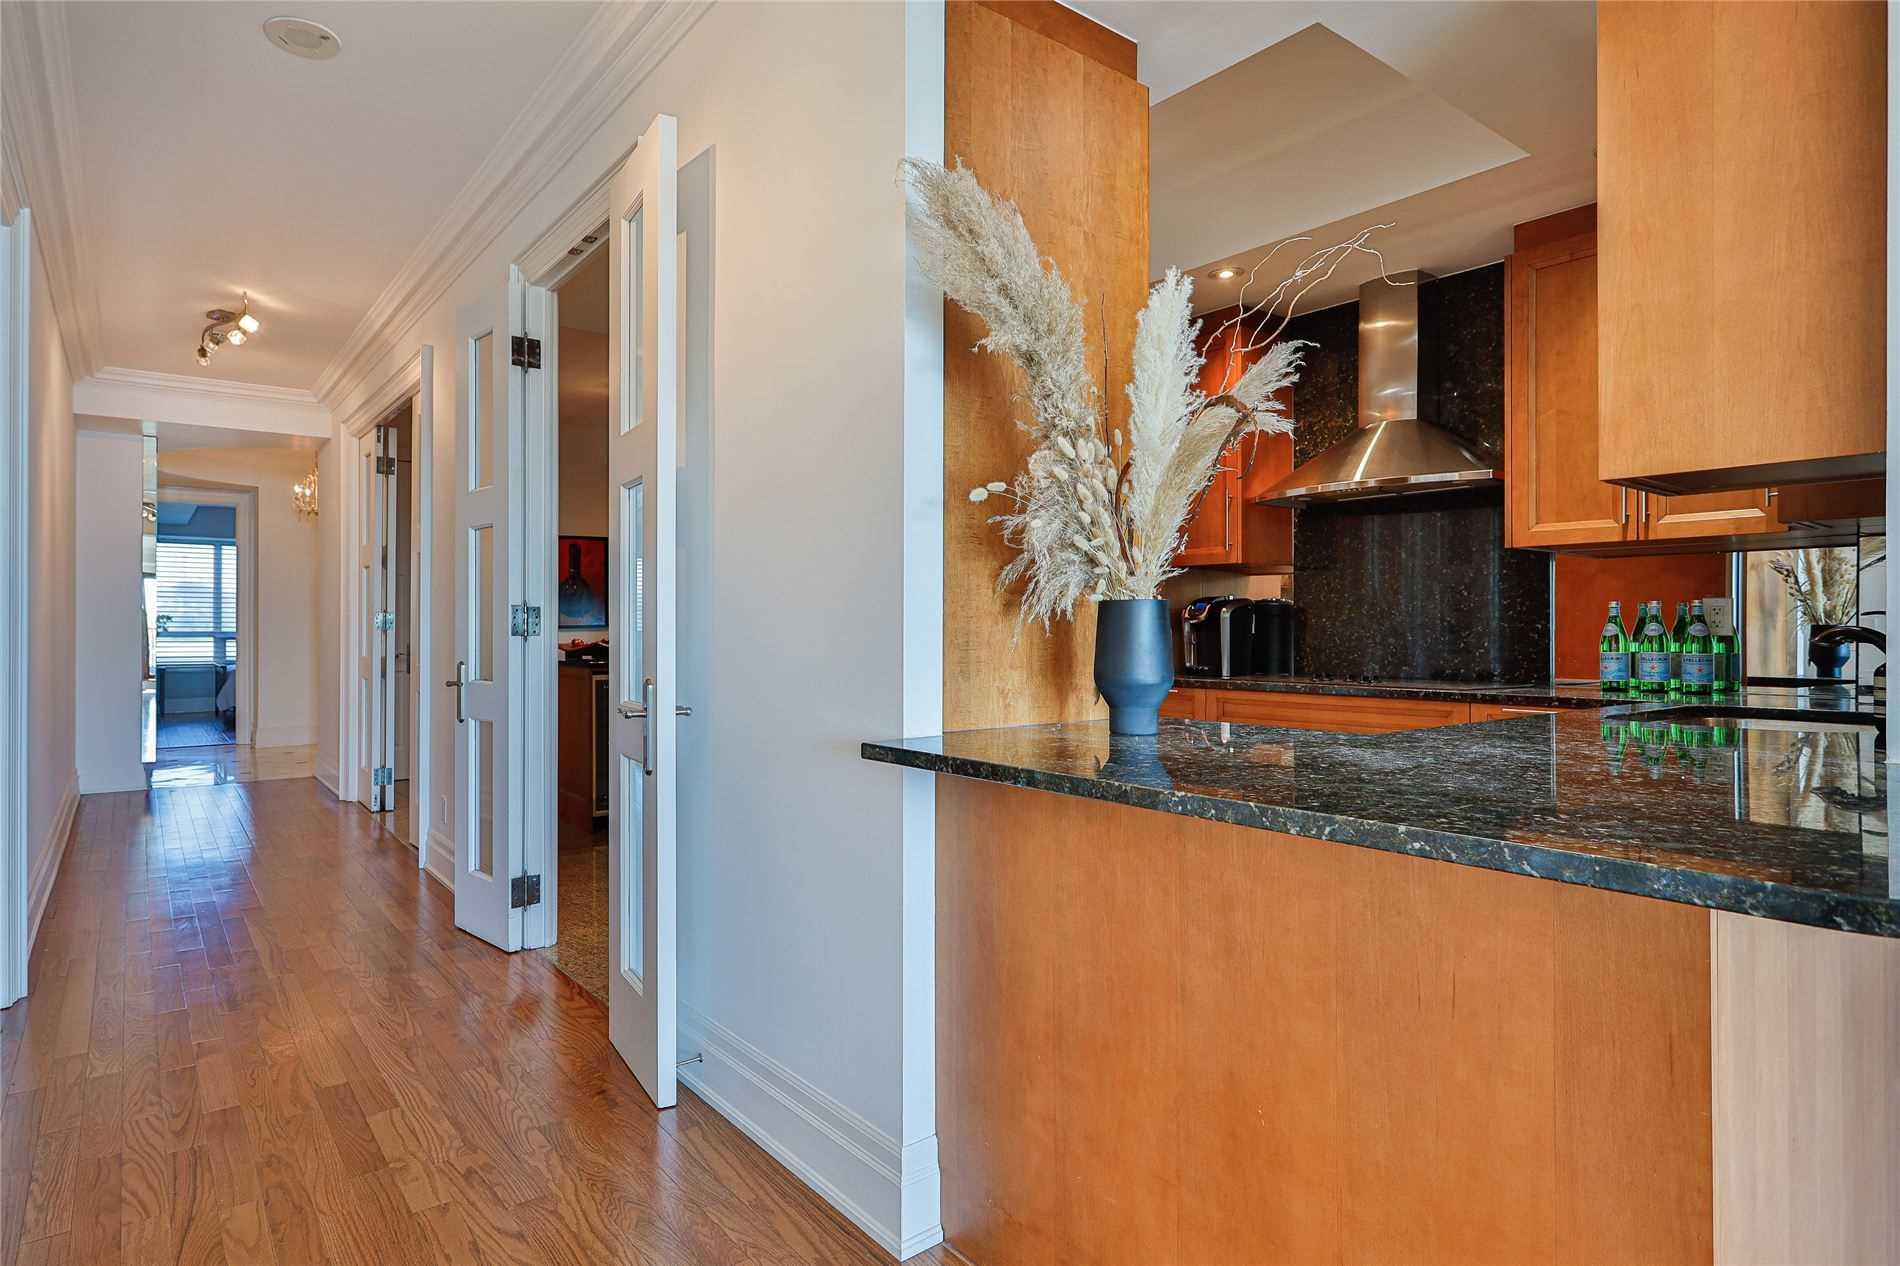 317 - 2095 Lake Shore Blvd W - Mimico Condo Apt for sale, 2 Bedrooms (W5369727) - #15